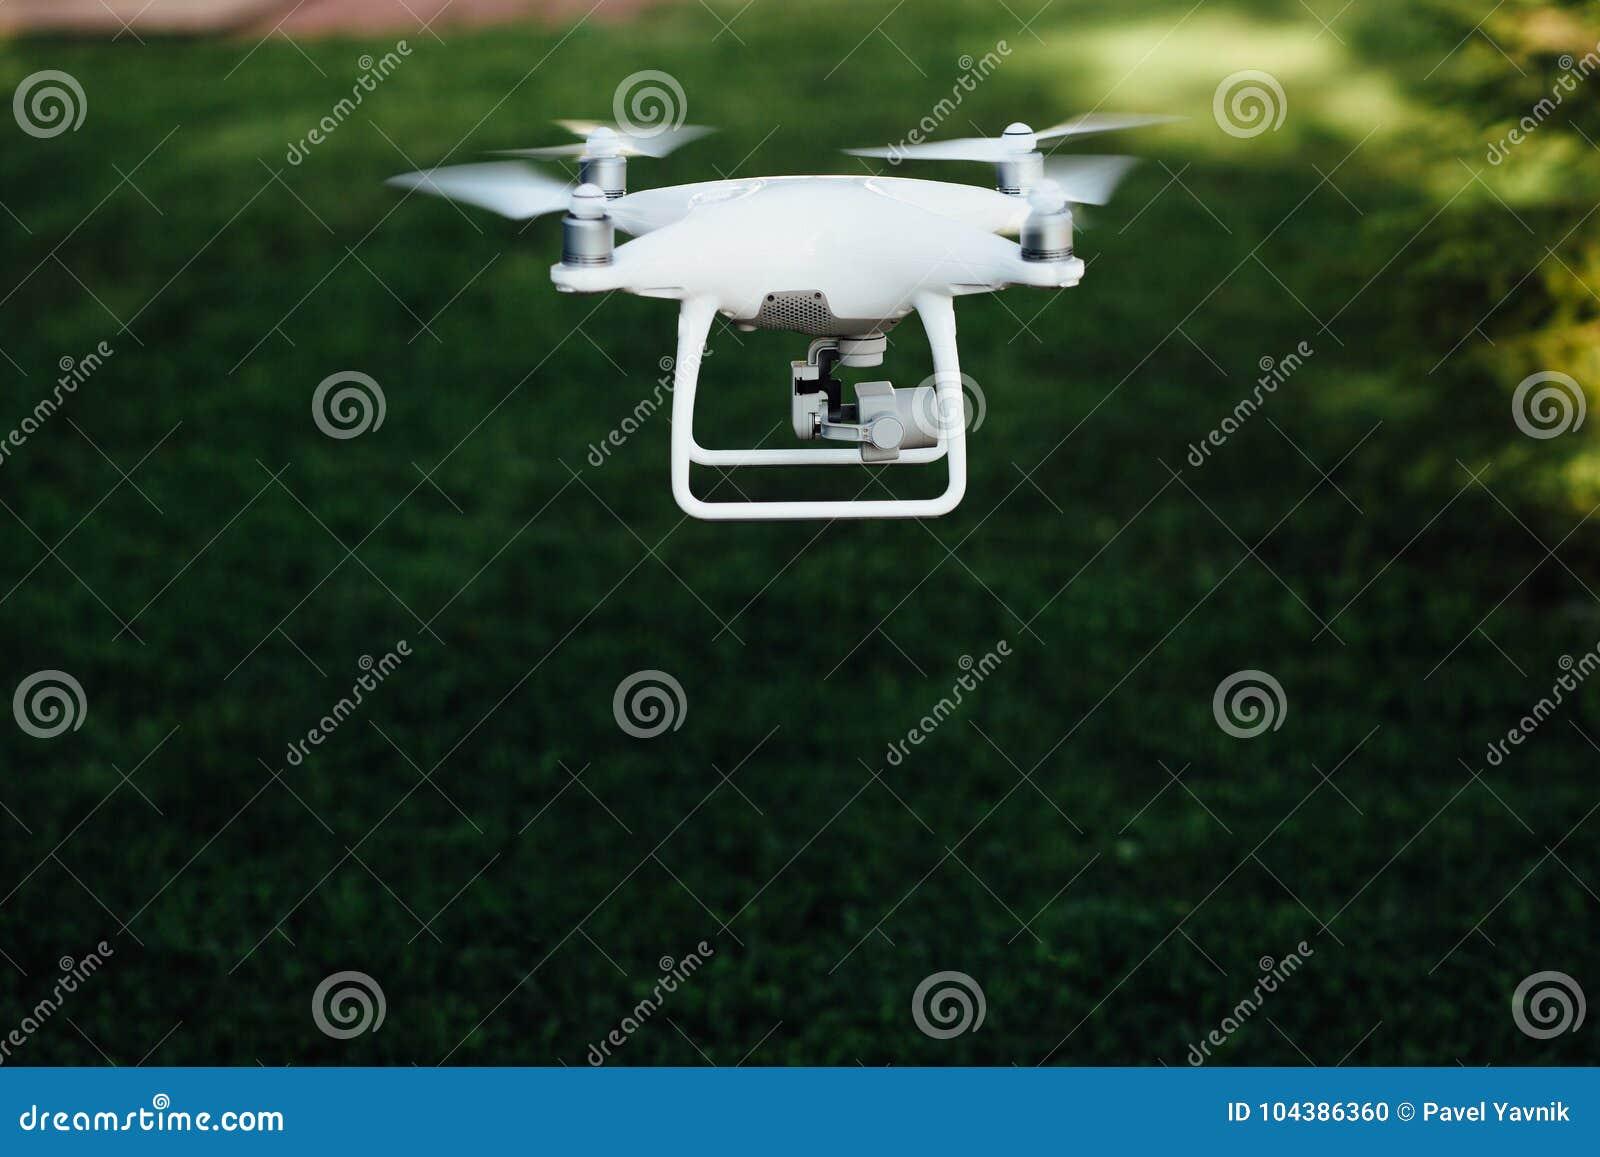 acheter drone france